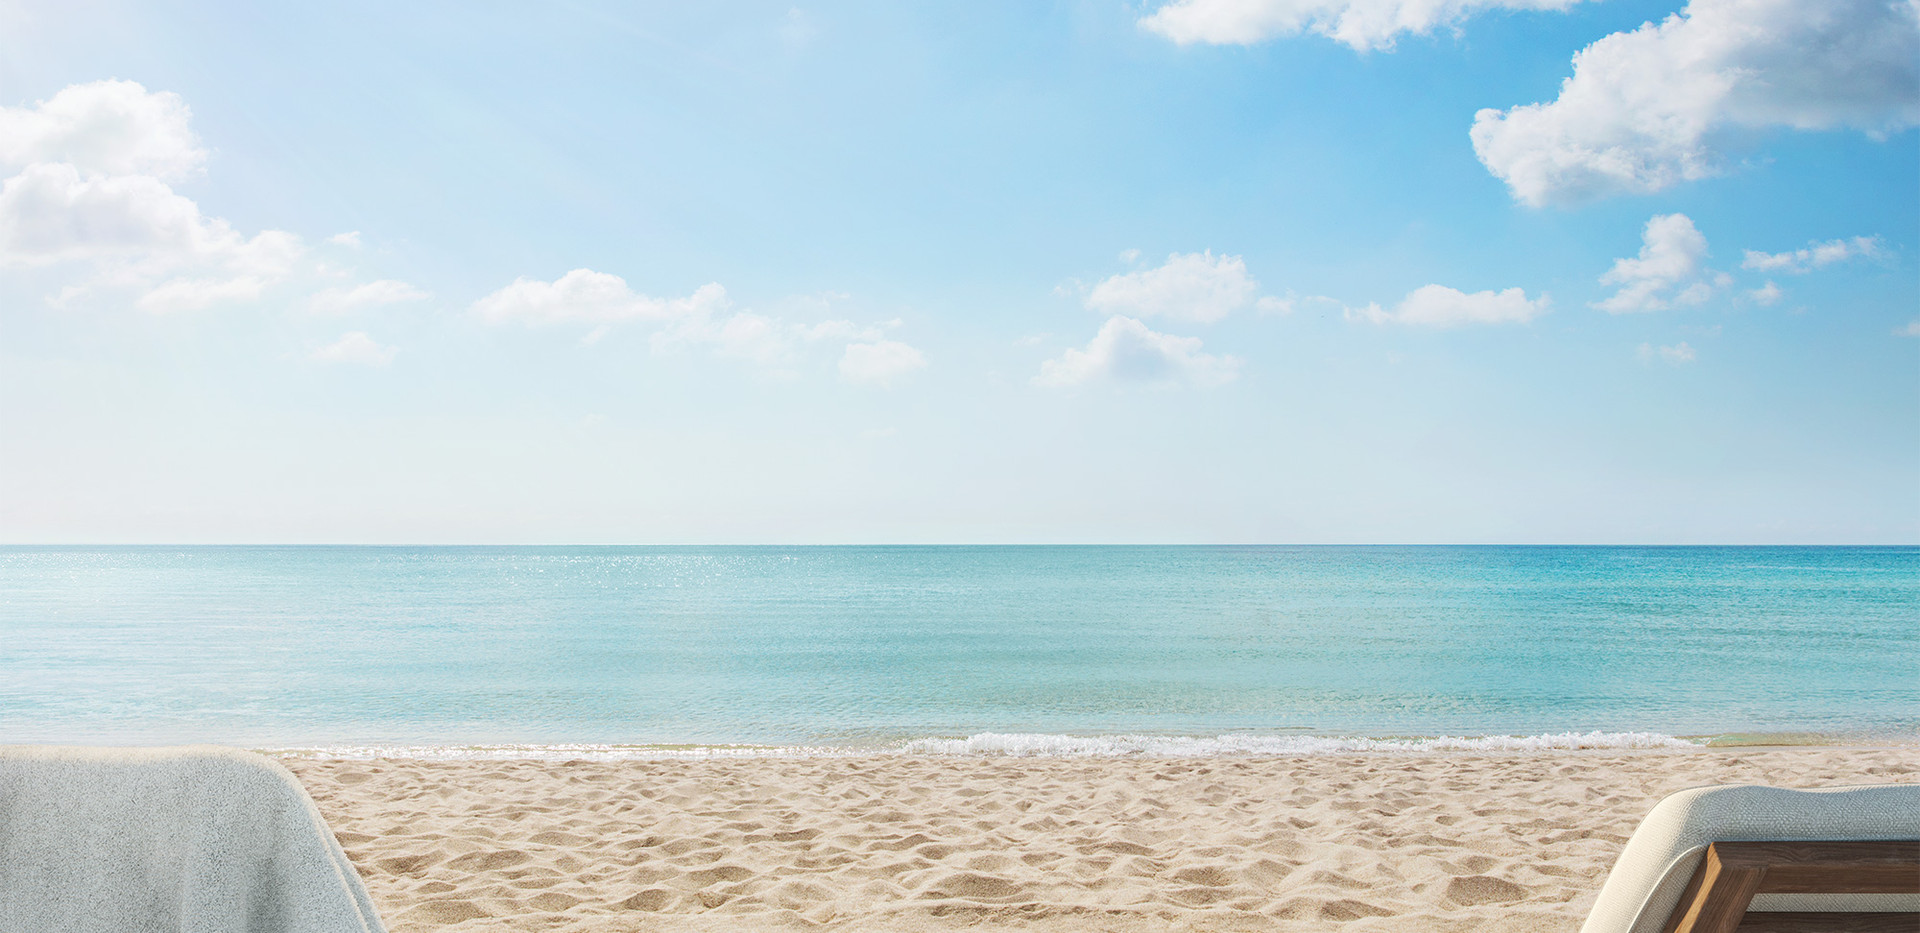 57 Ocean Beach Lounger